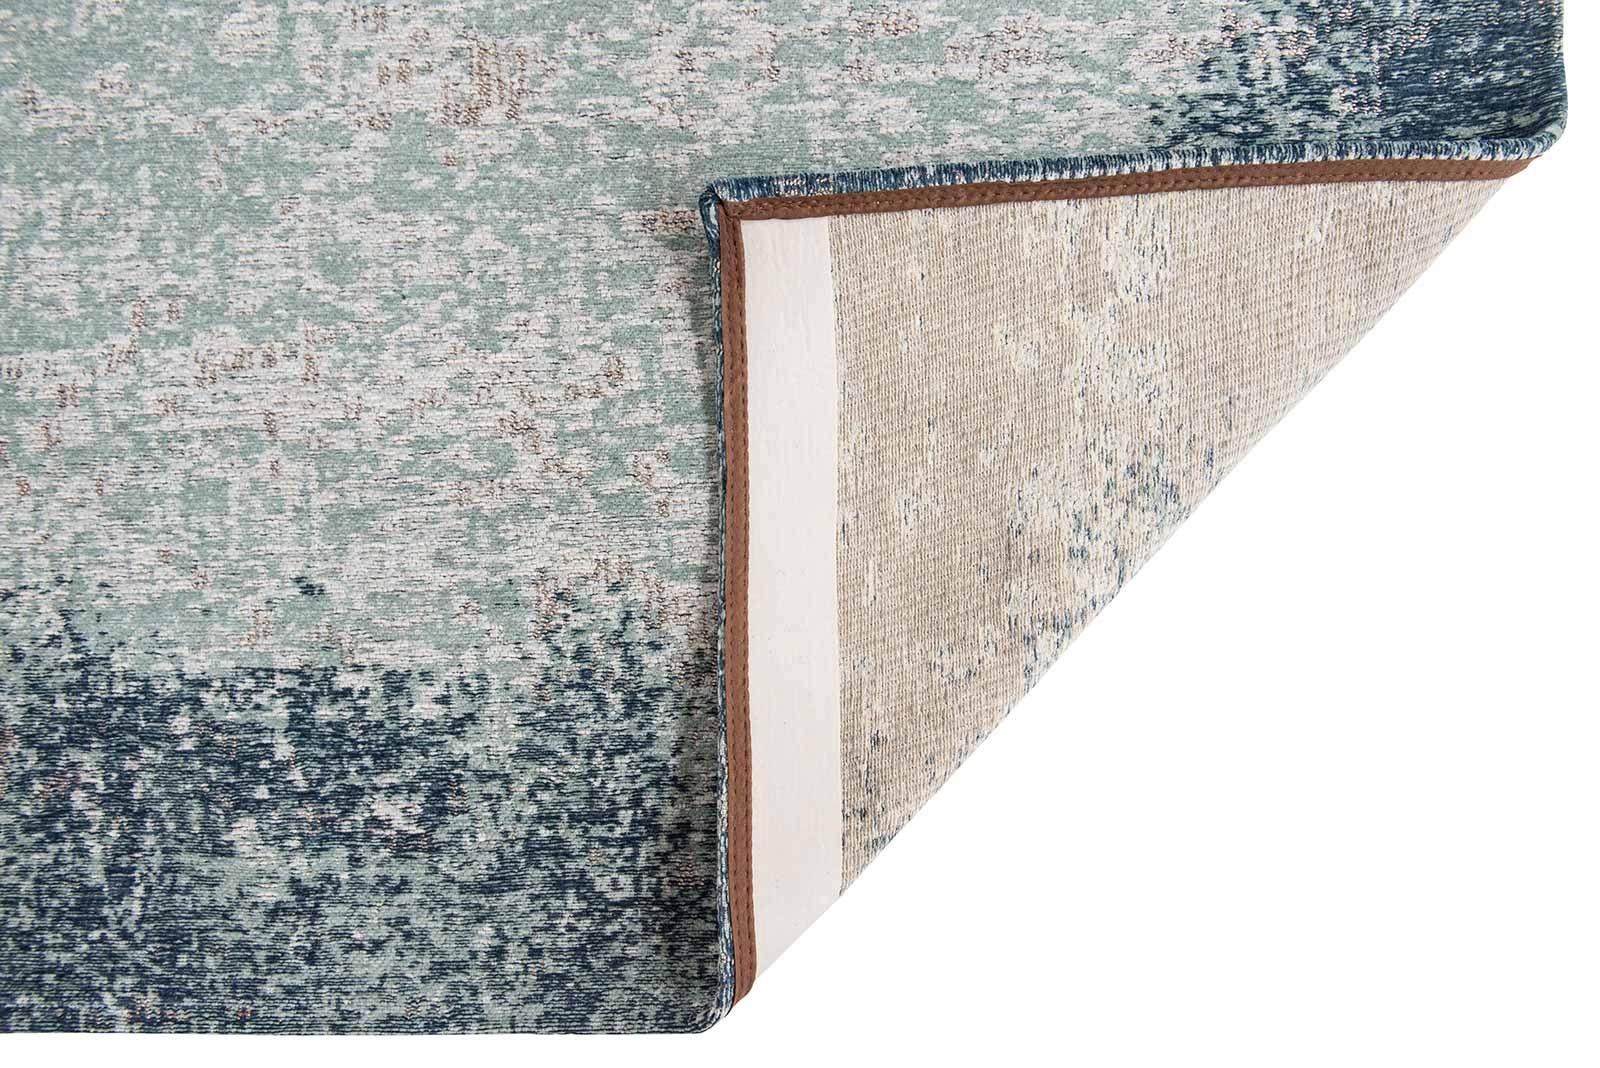 Louis De Poortere alfombras Villa Nova LX 8769 Marka Teal back